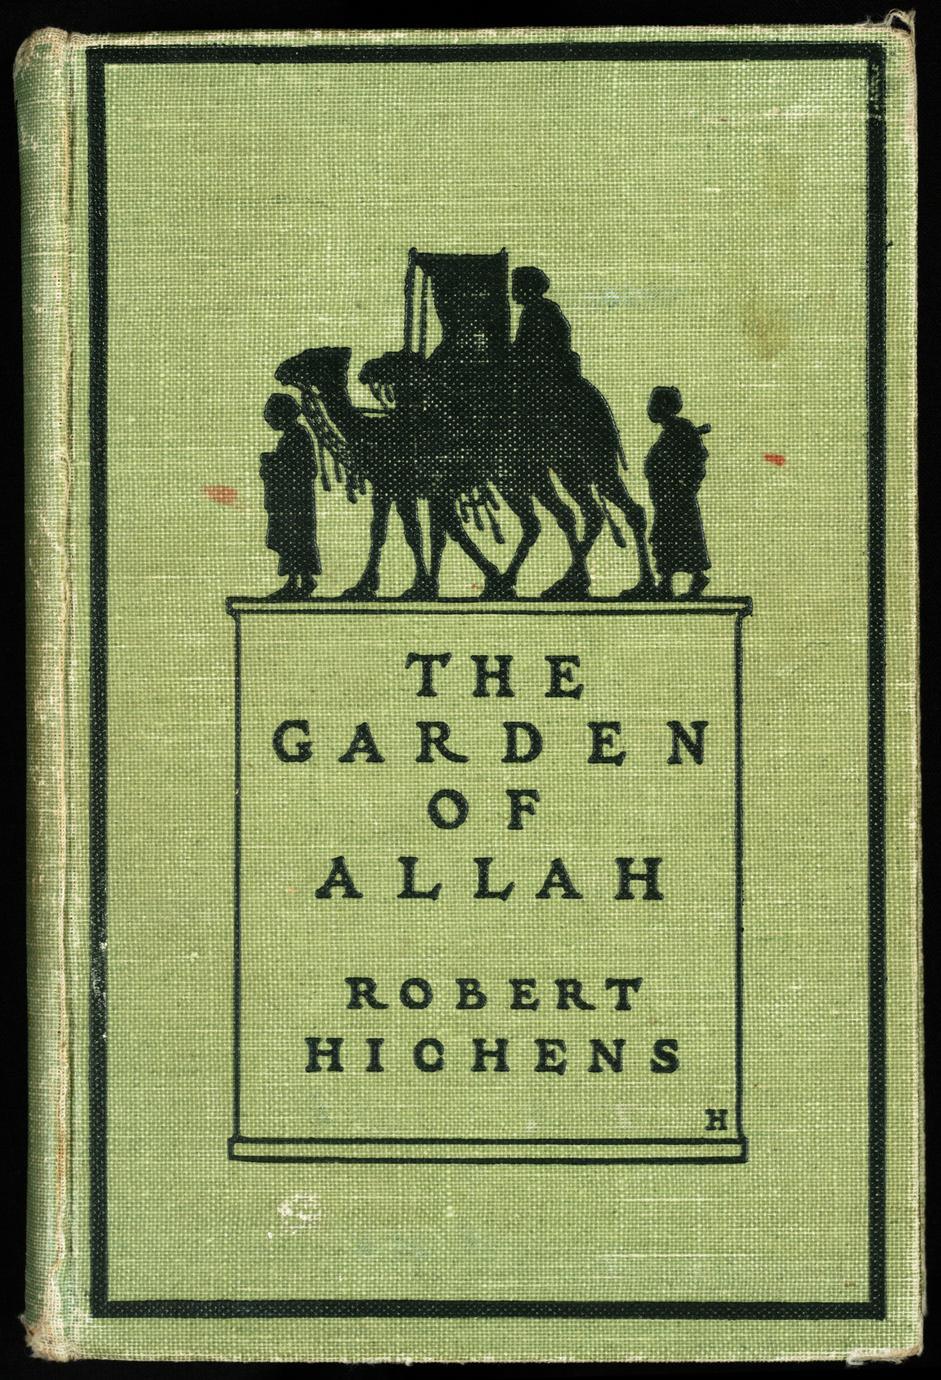 The garden of Allah (1 of 2)